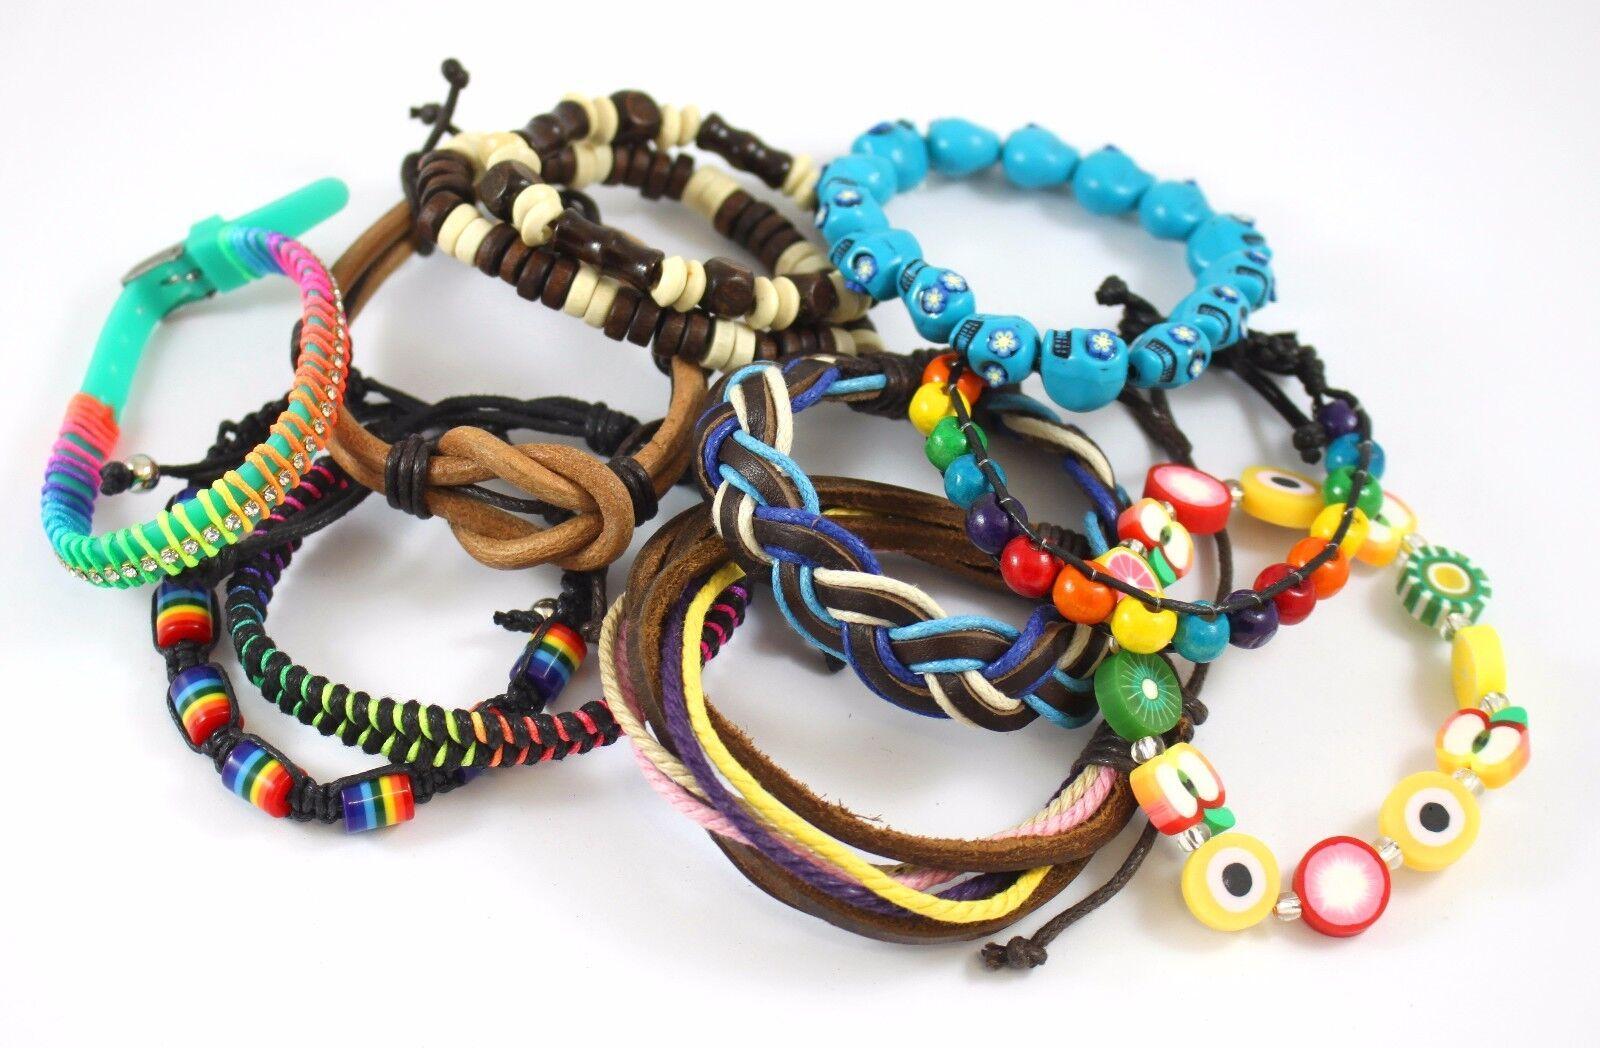 Kids WHOLESALE Party Bag Fillers JOB LOT Friendship Bracelets Favours Childrens